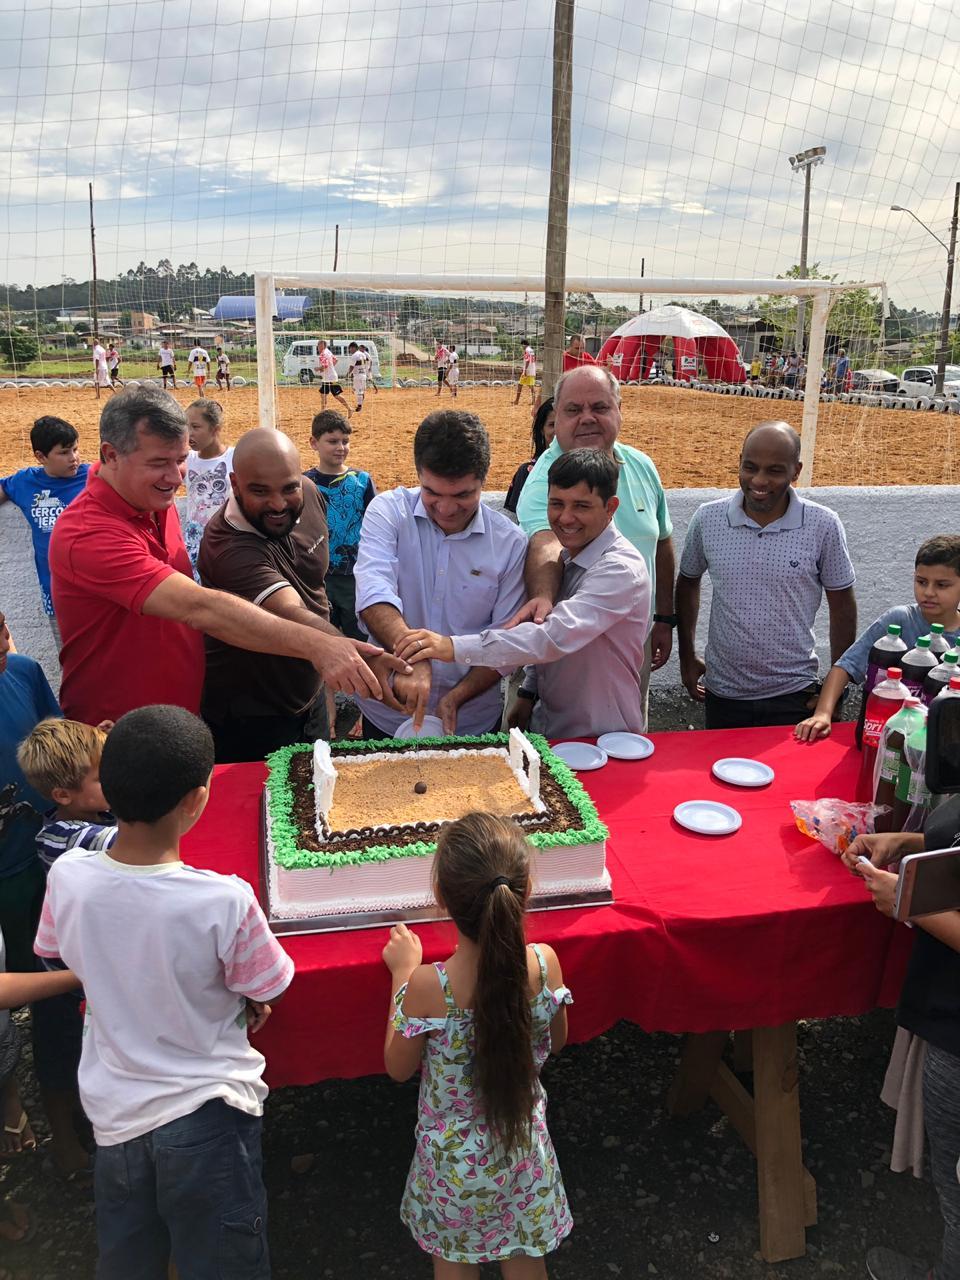 Prefeitura de Criciúma inaugura campo de futebol no bairro Renascer